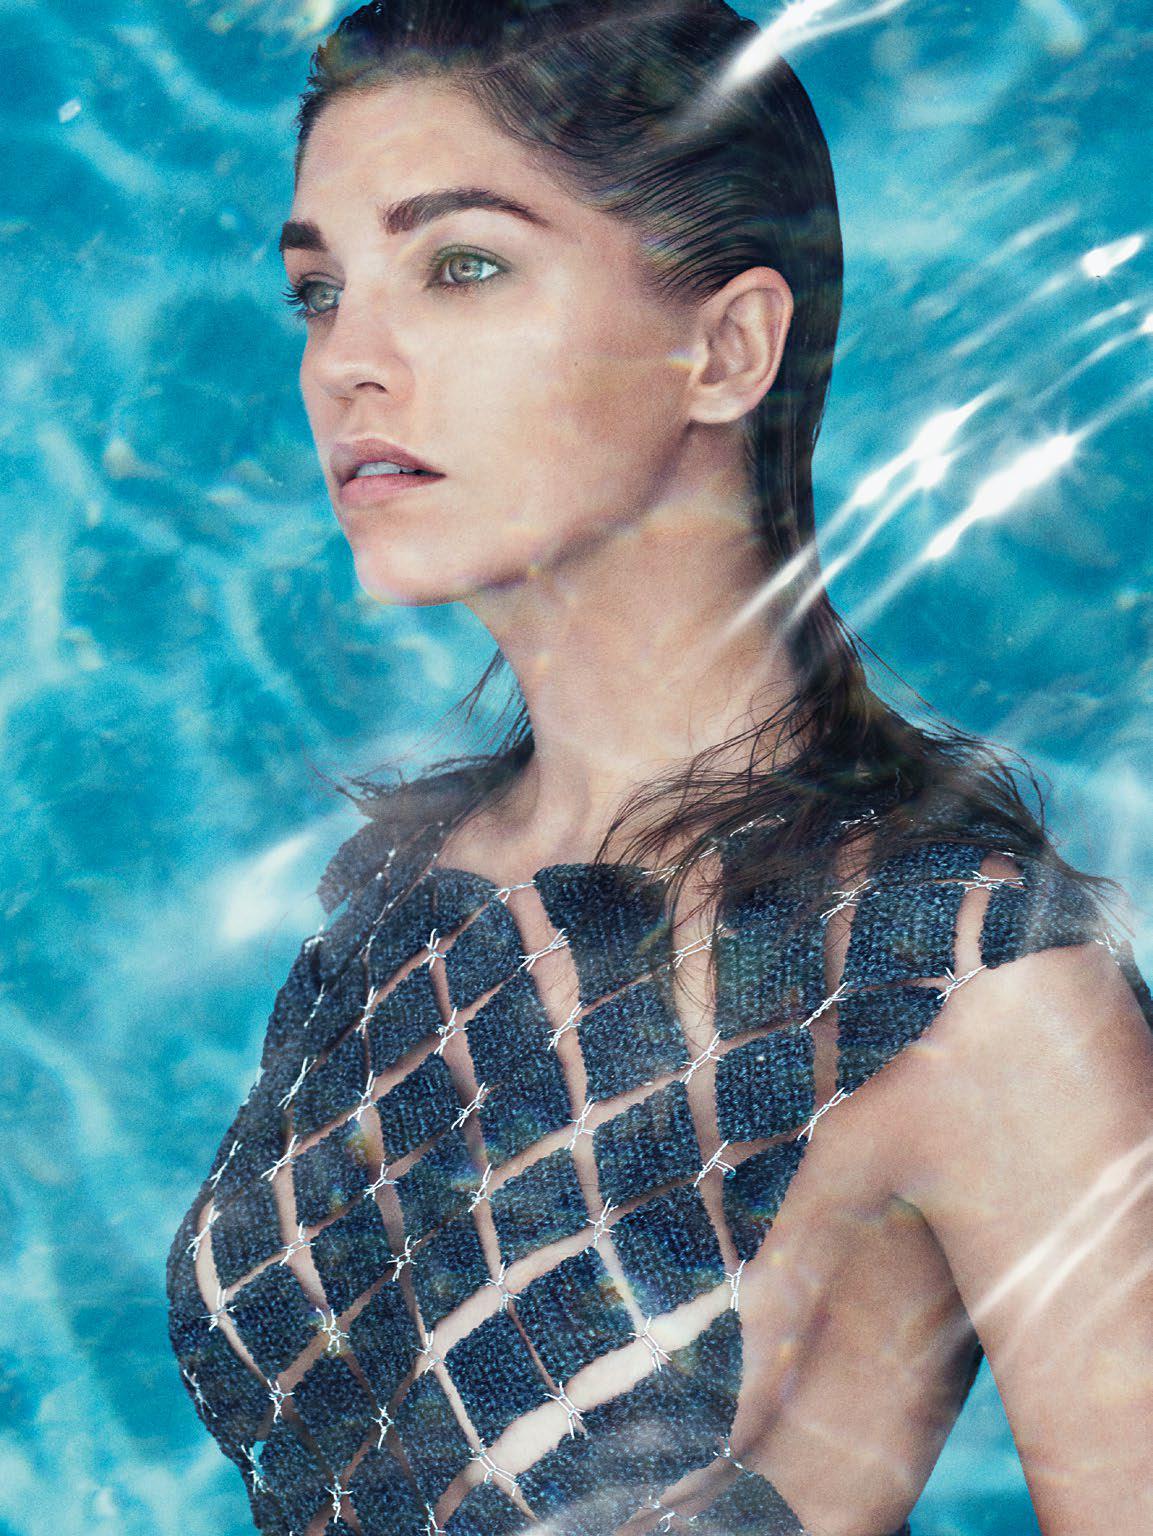 Великолепная супермодель Саманта Градовилль в фотосессии для Numéro Россия